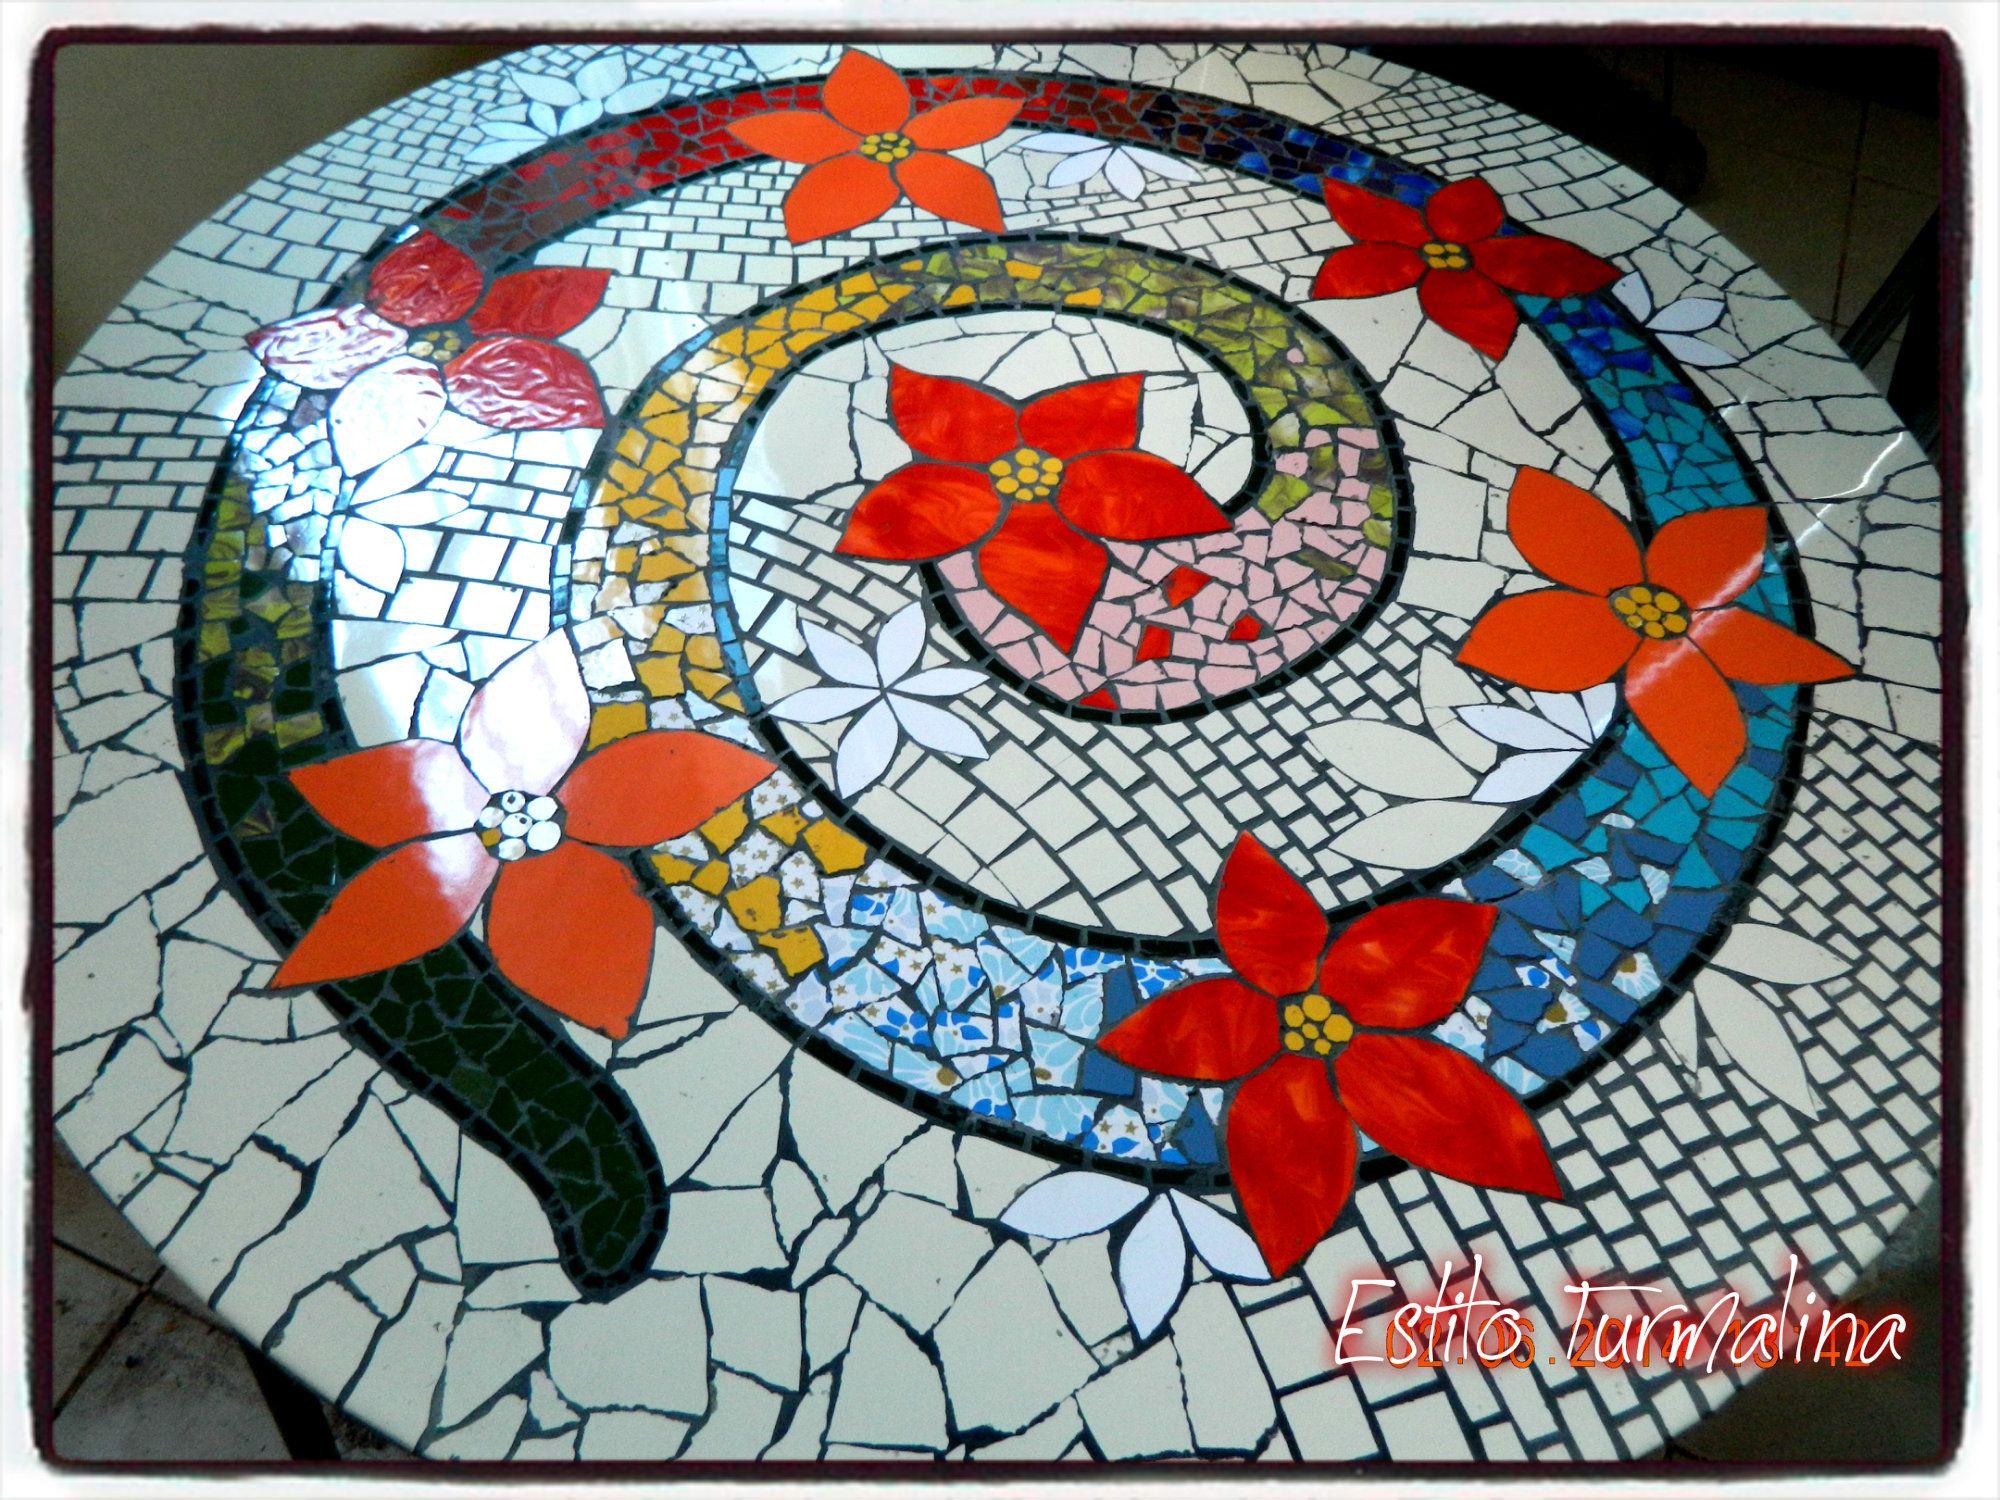 Mesa de jard n por laura anca para estilo turmalina for Mesas de mosaico